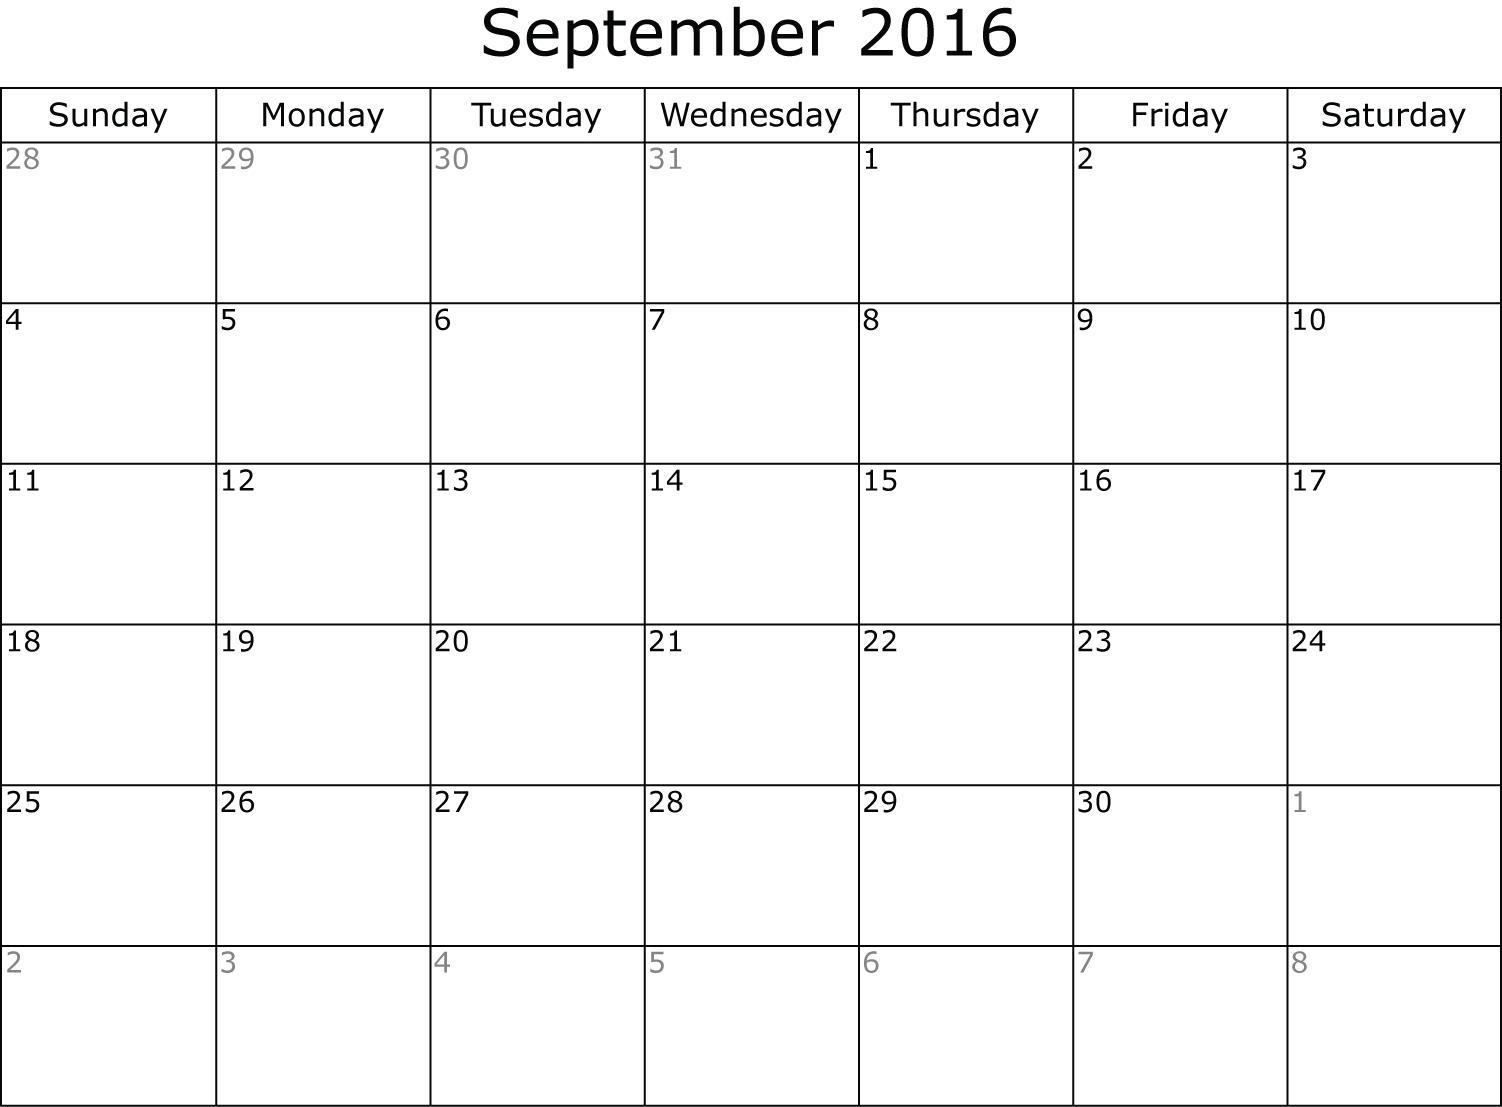 Calendar Planner September 2016 | Fotolip Rich Image And Wallpaper  Calendar For Month Of September